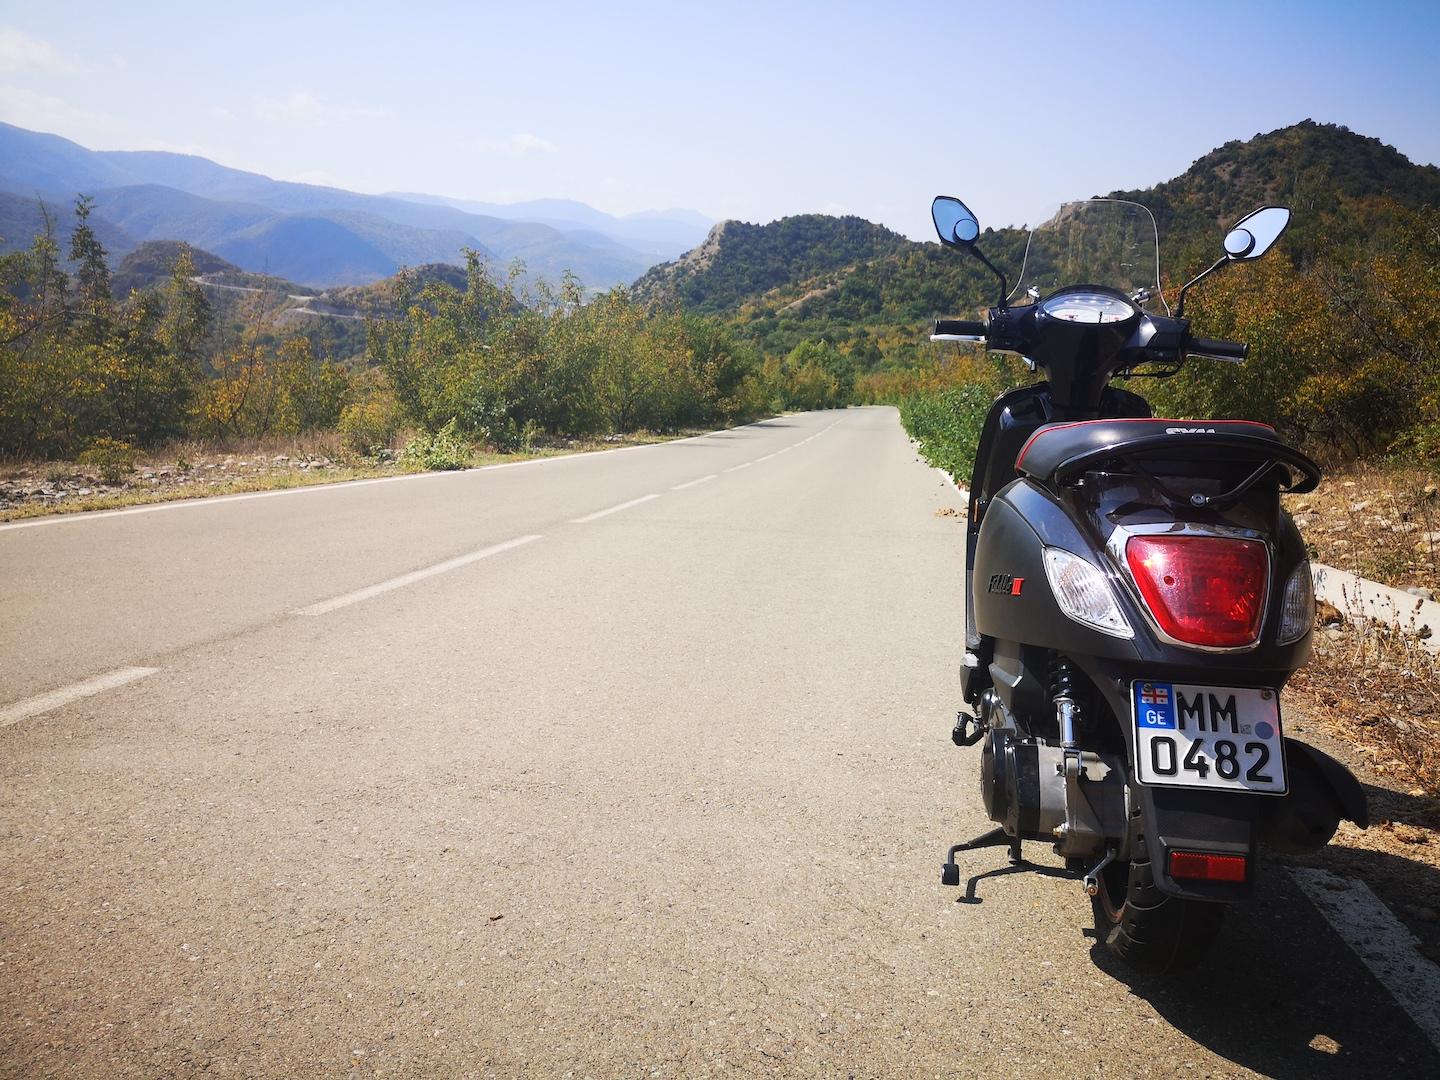 On the way to Shio Mgvime Monastery